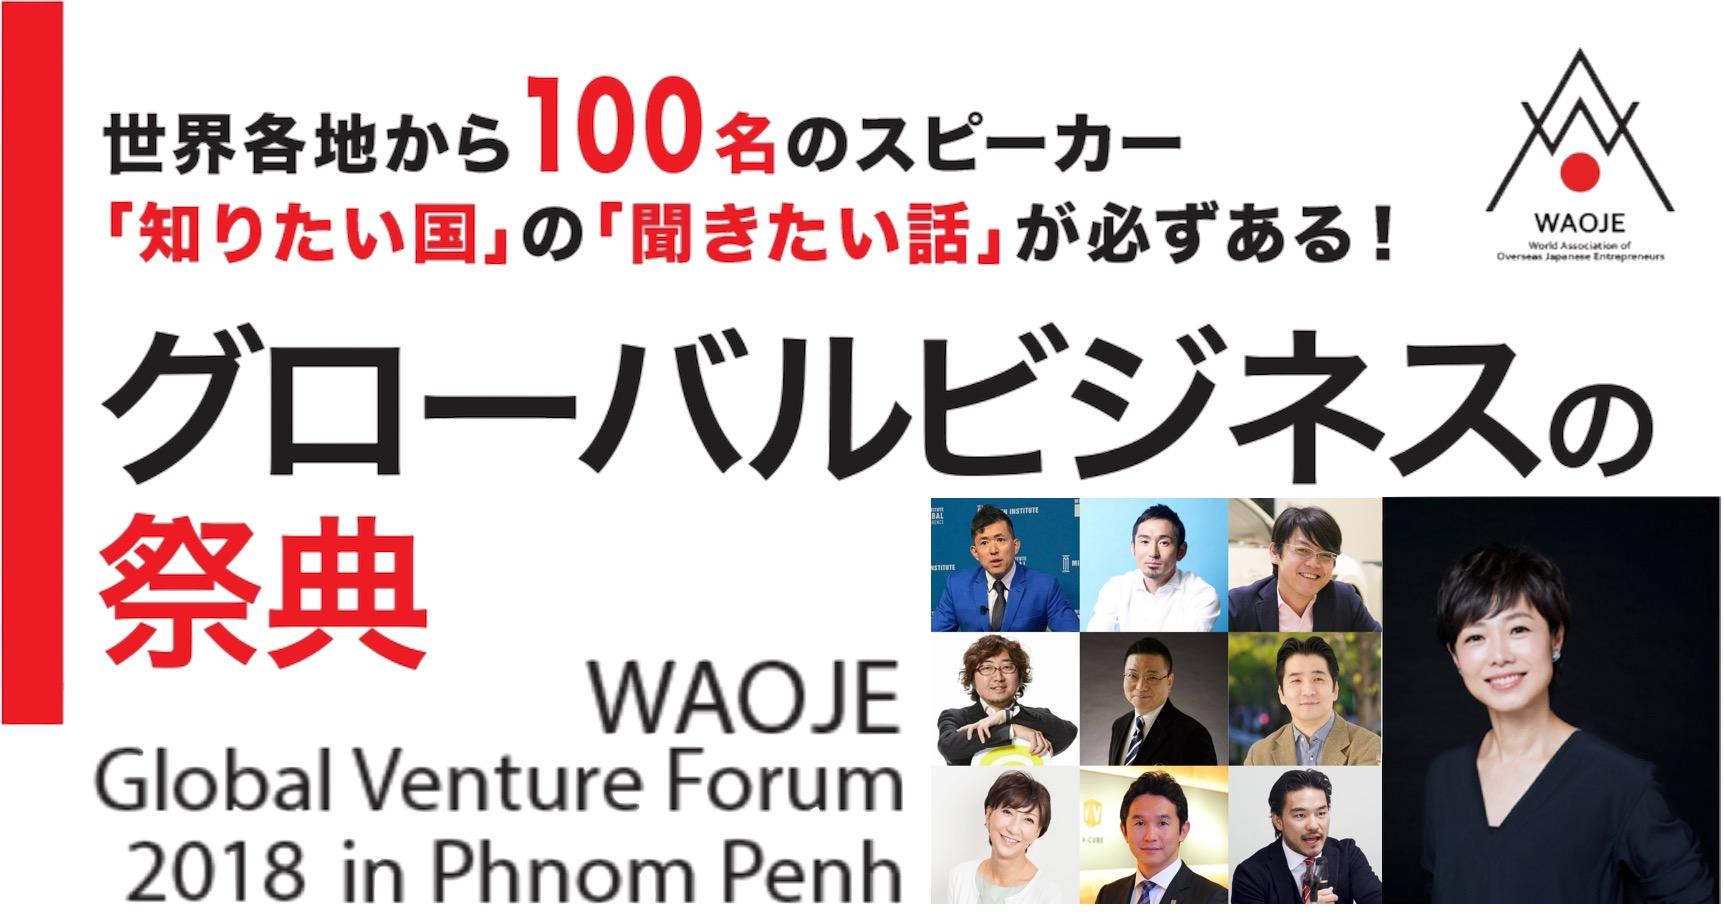 グローバル・ビジネスの祭典